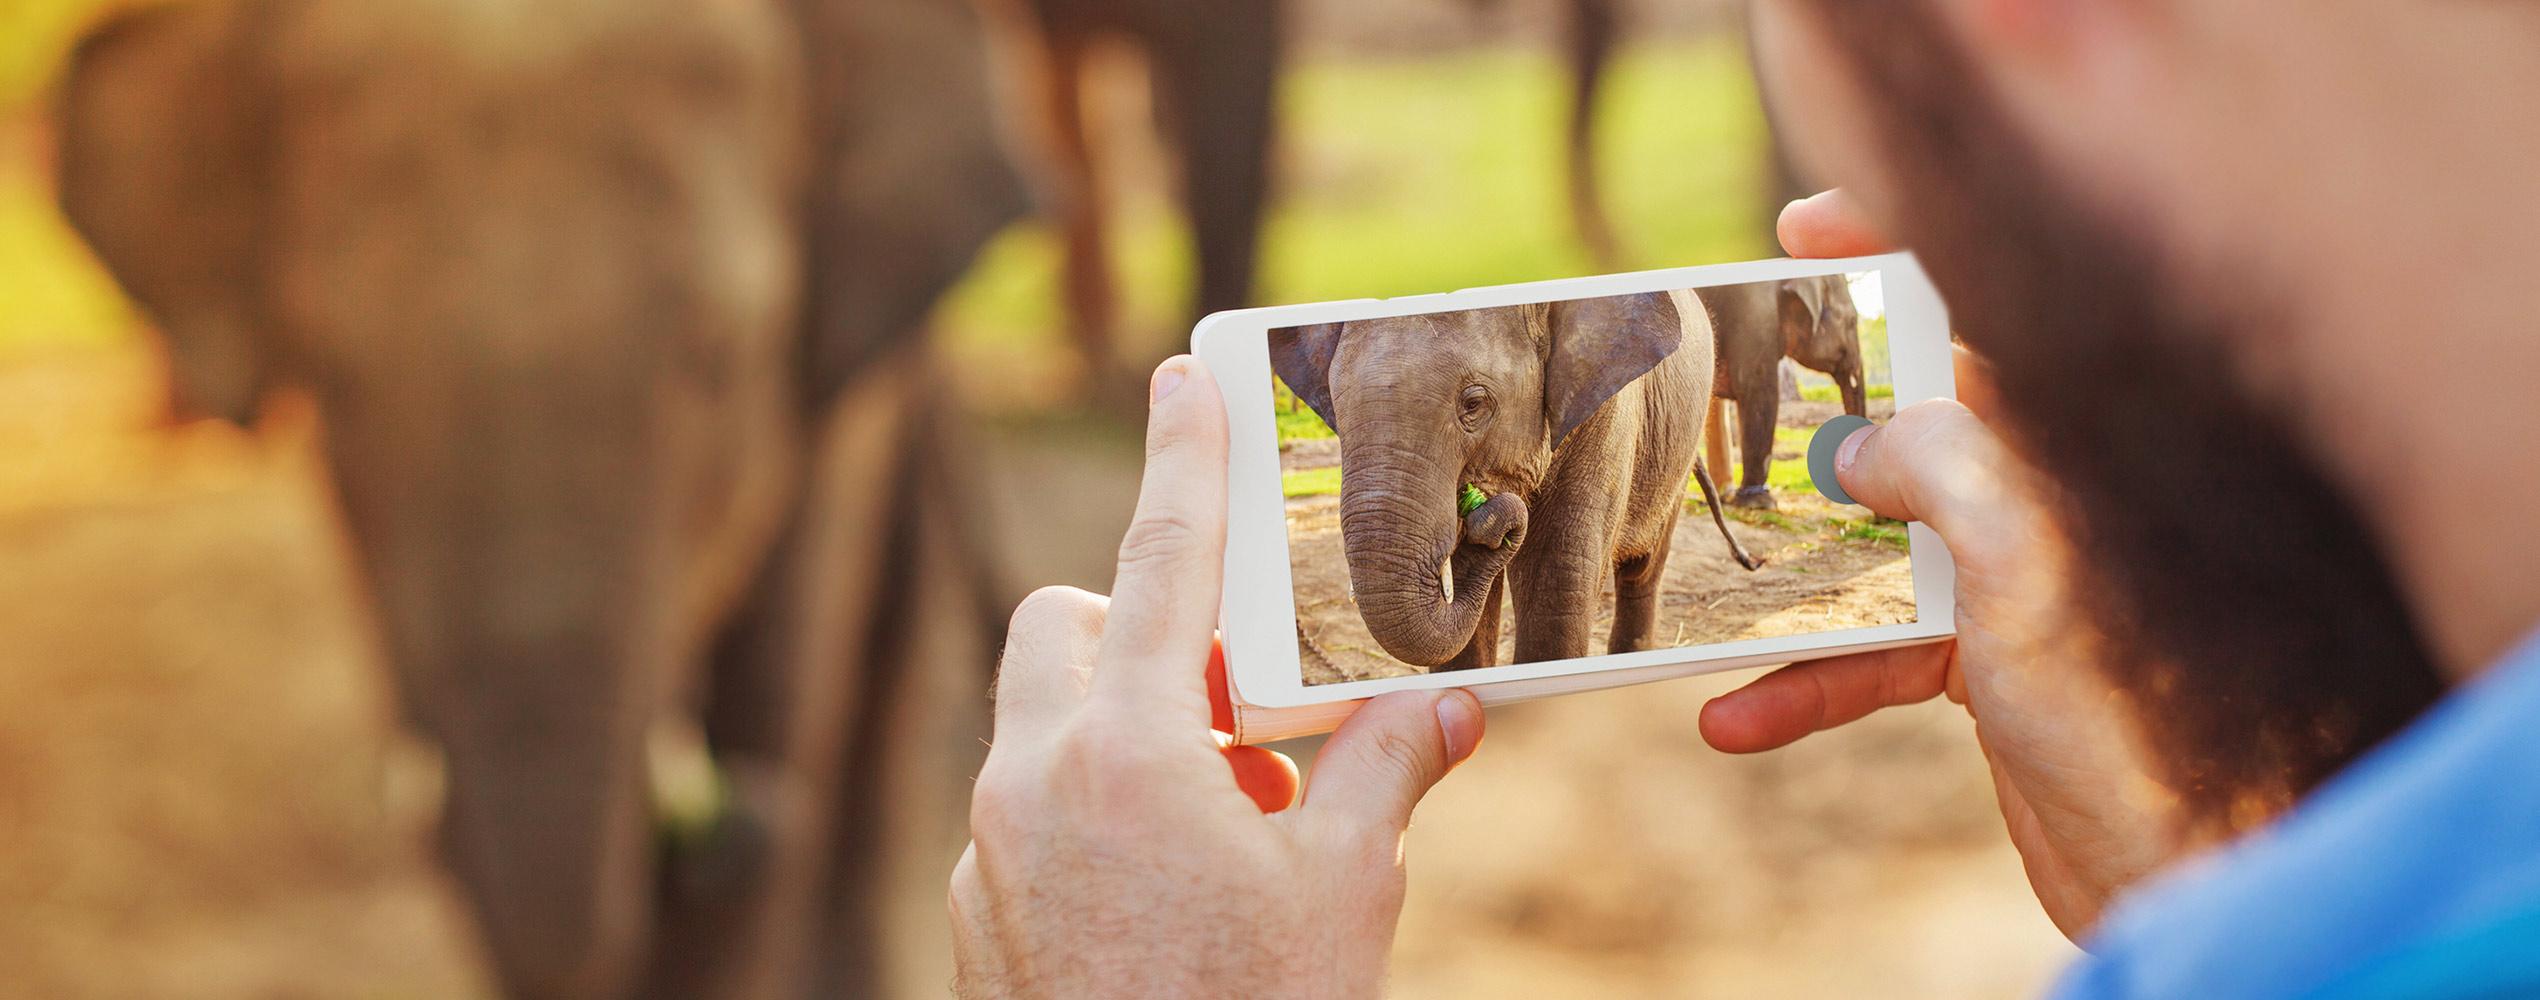 Elefant Smartphone (shutterstock)